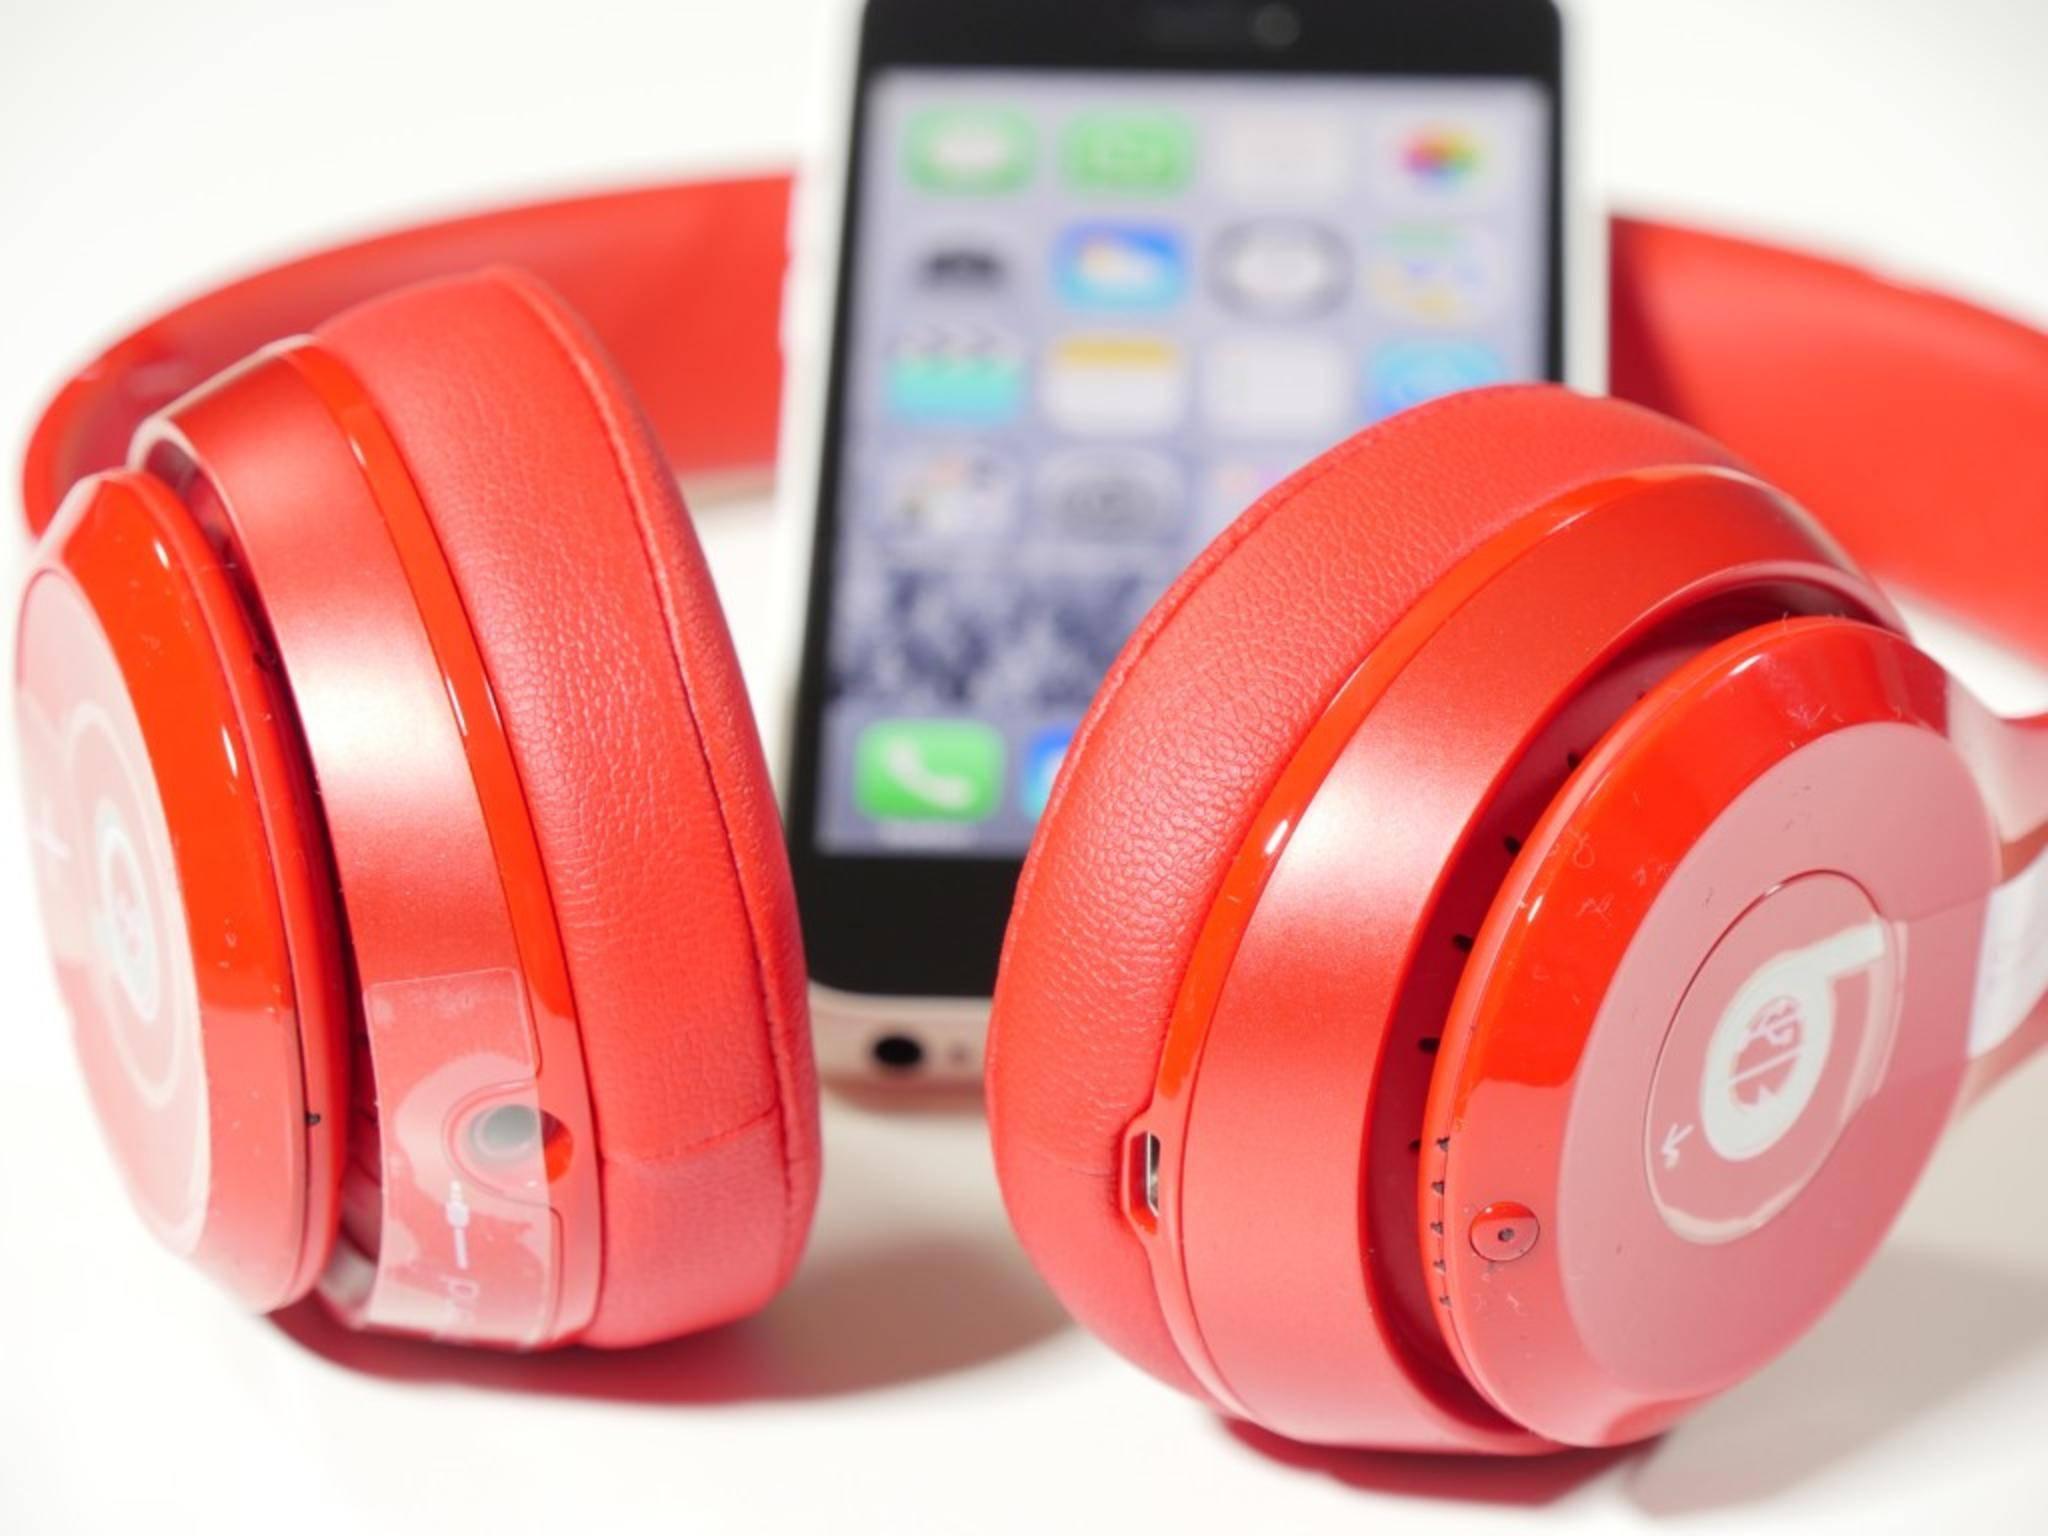 Die Beats Solo 2 Wireless dürften auch mit dem neuen iPhone 7 kompatibel sein.